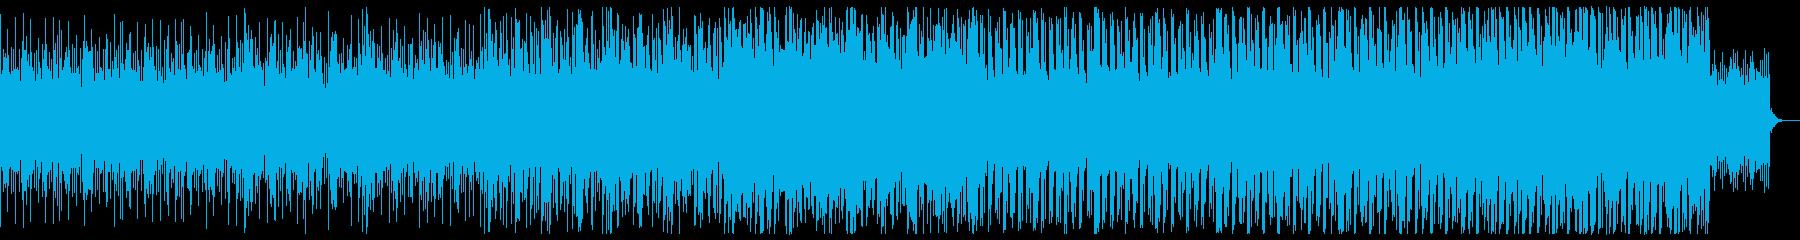 ニュース/解説/分析/4つ打ち/テクノの再生済みの波形